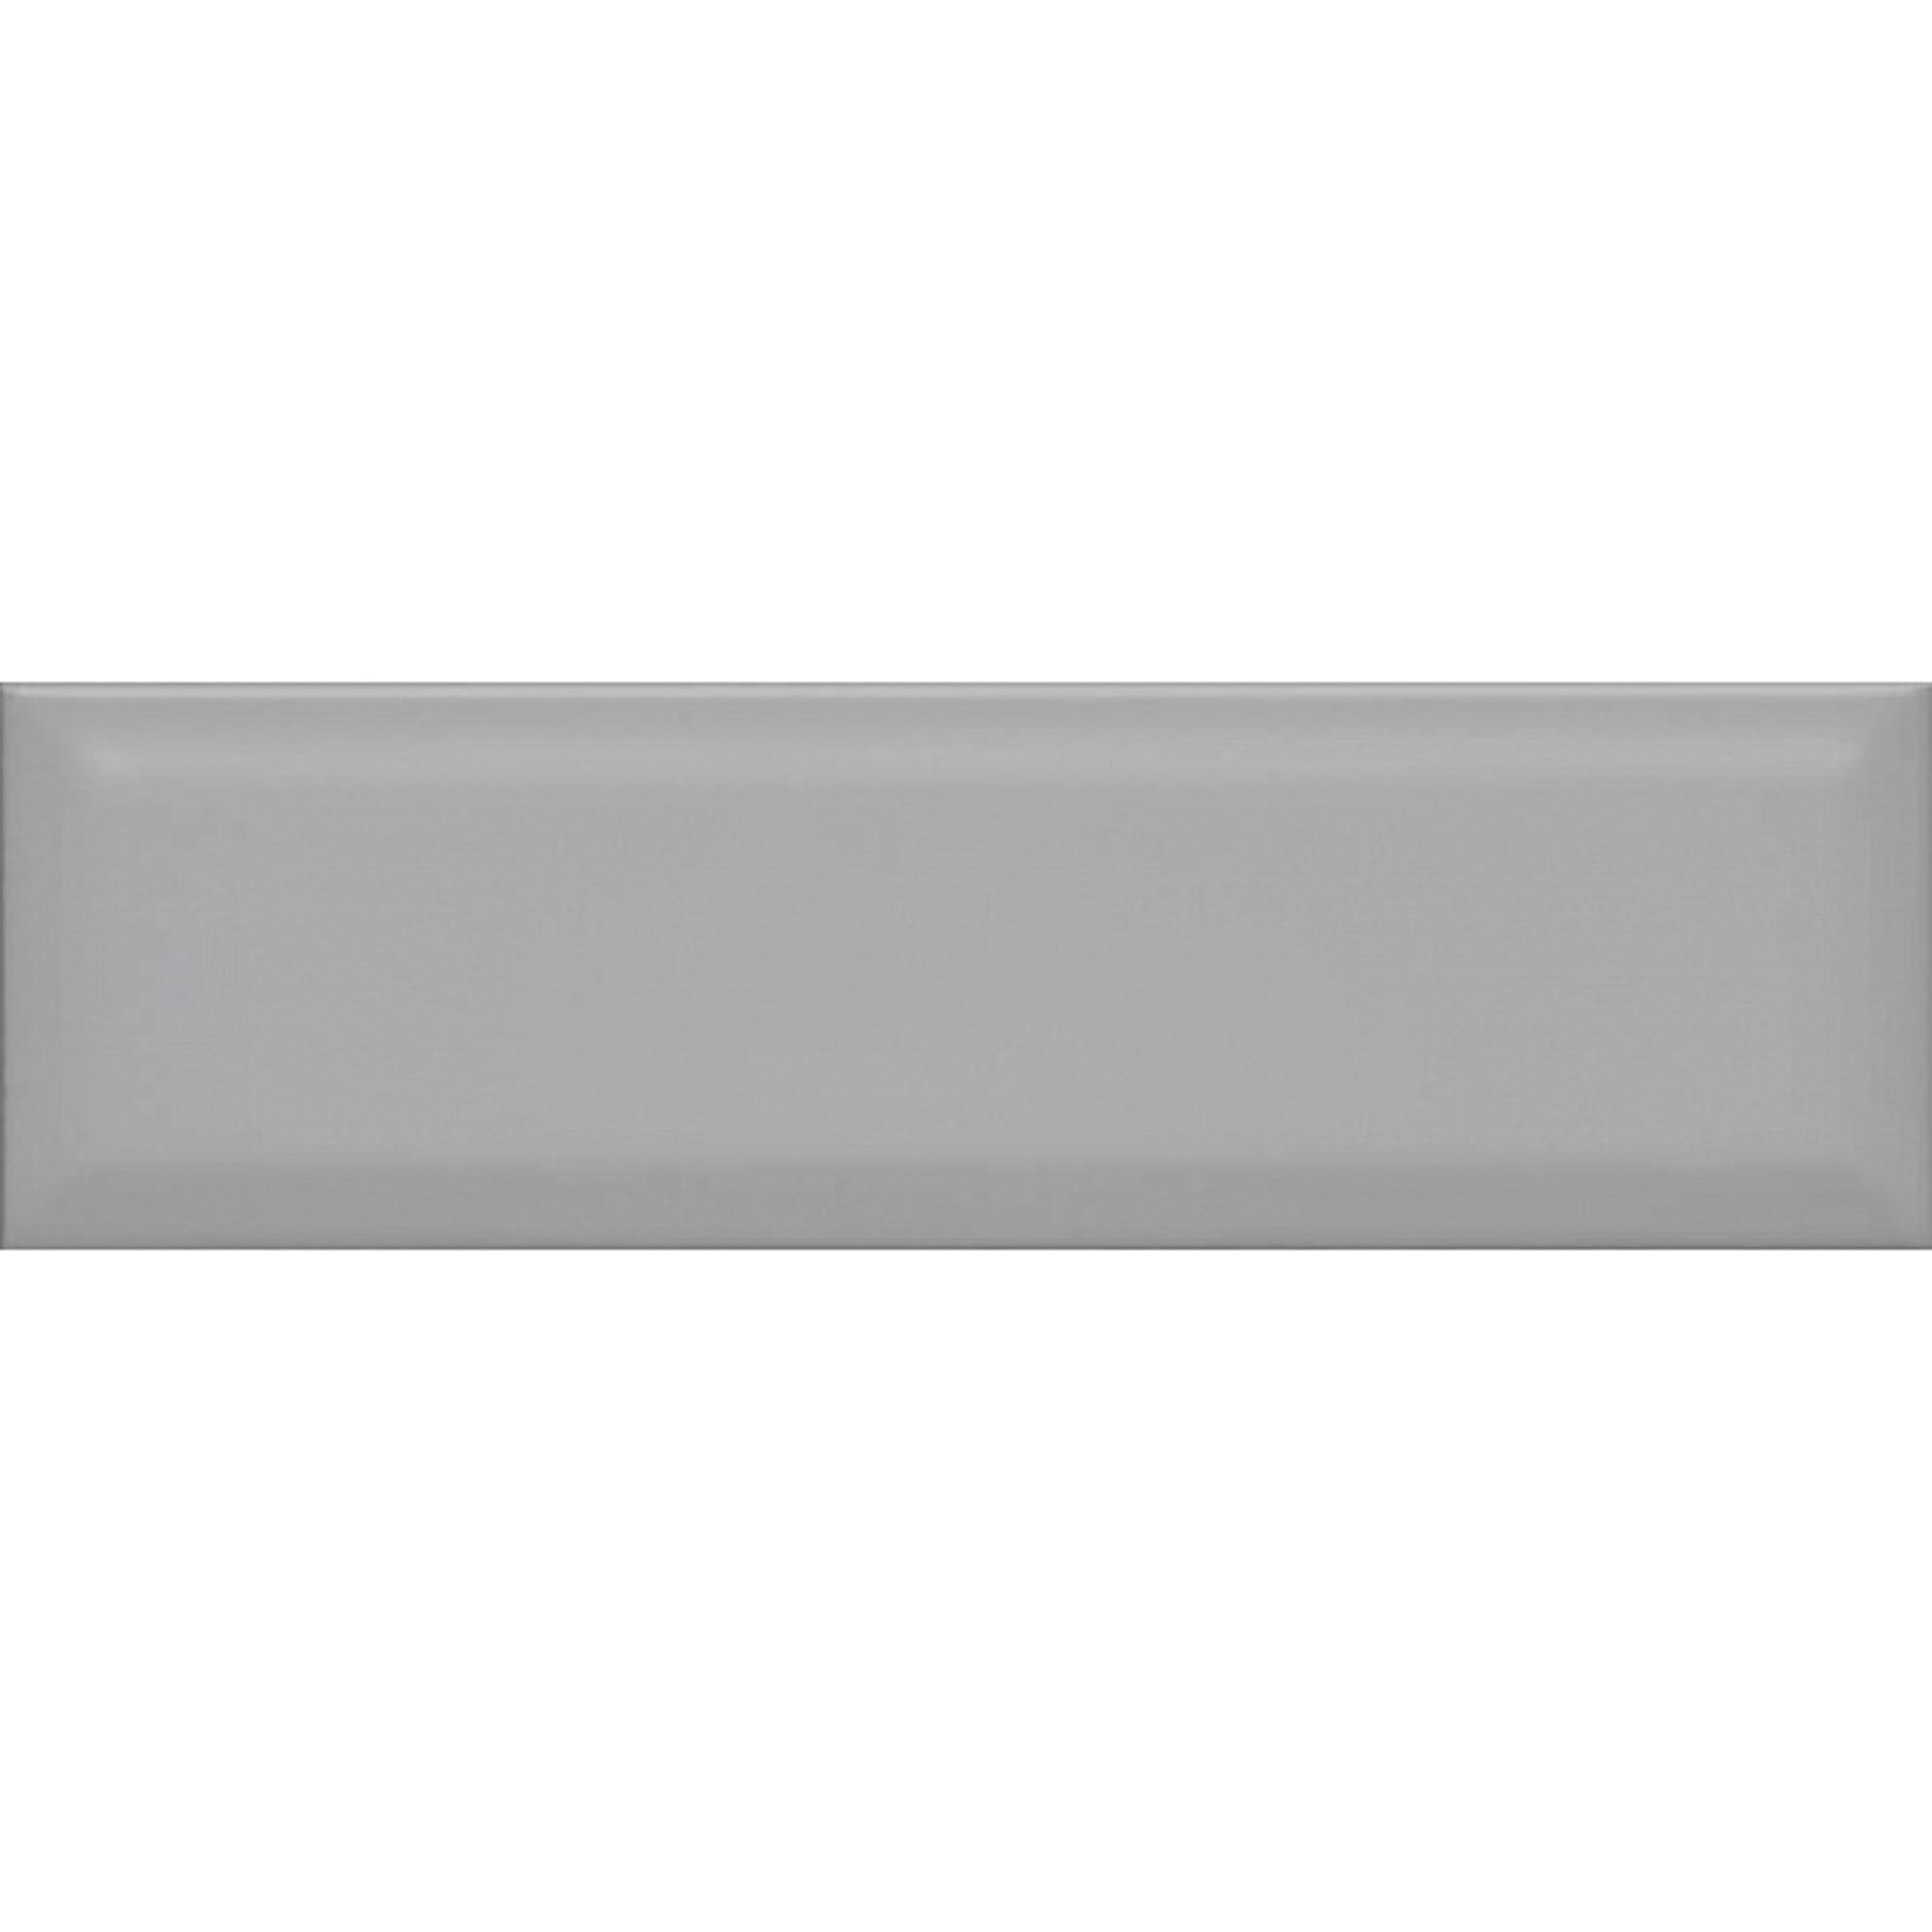 Плитка Kerama Marazzi Аккорд серая грань 8,5x28,5 см 9014 плитка керамическая kerama marazzi 13036r грасси обрезная серая 895х300 мм